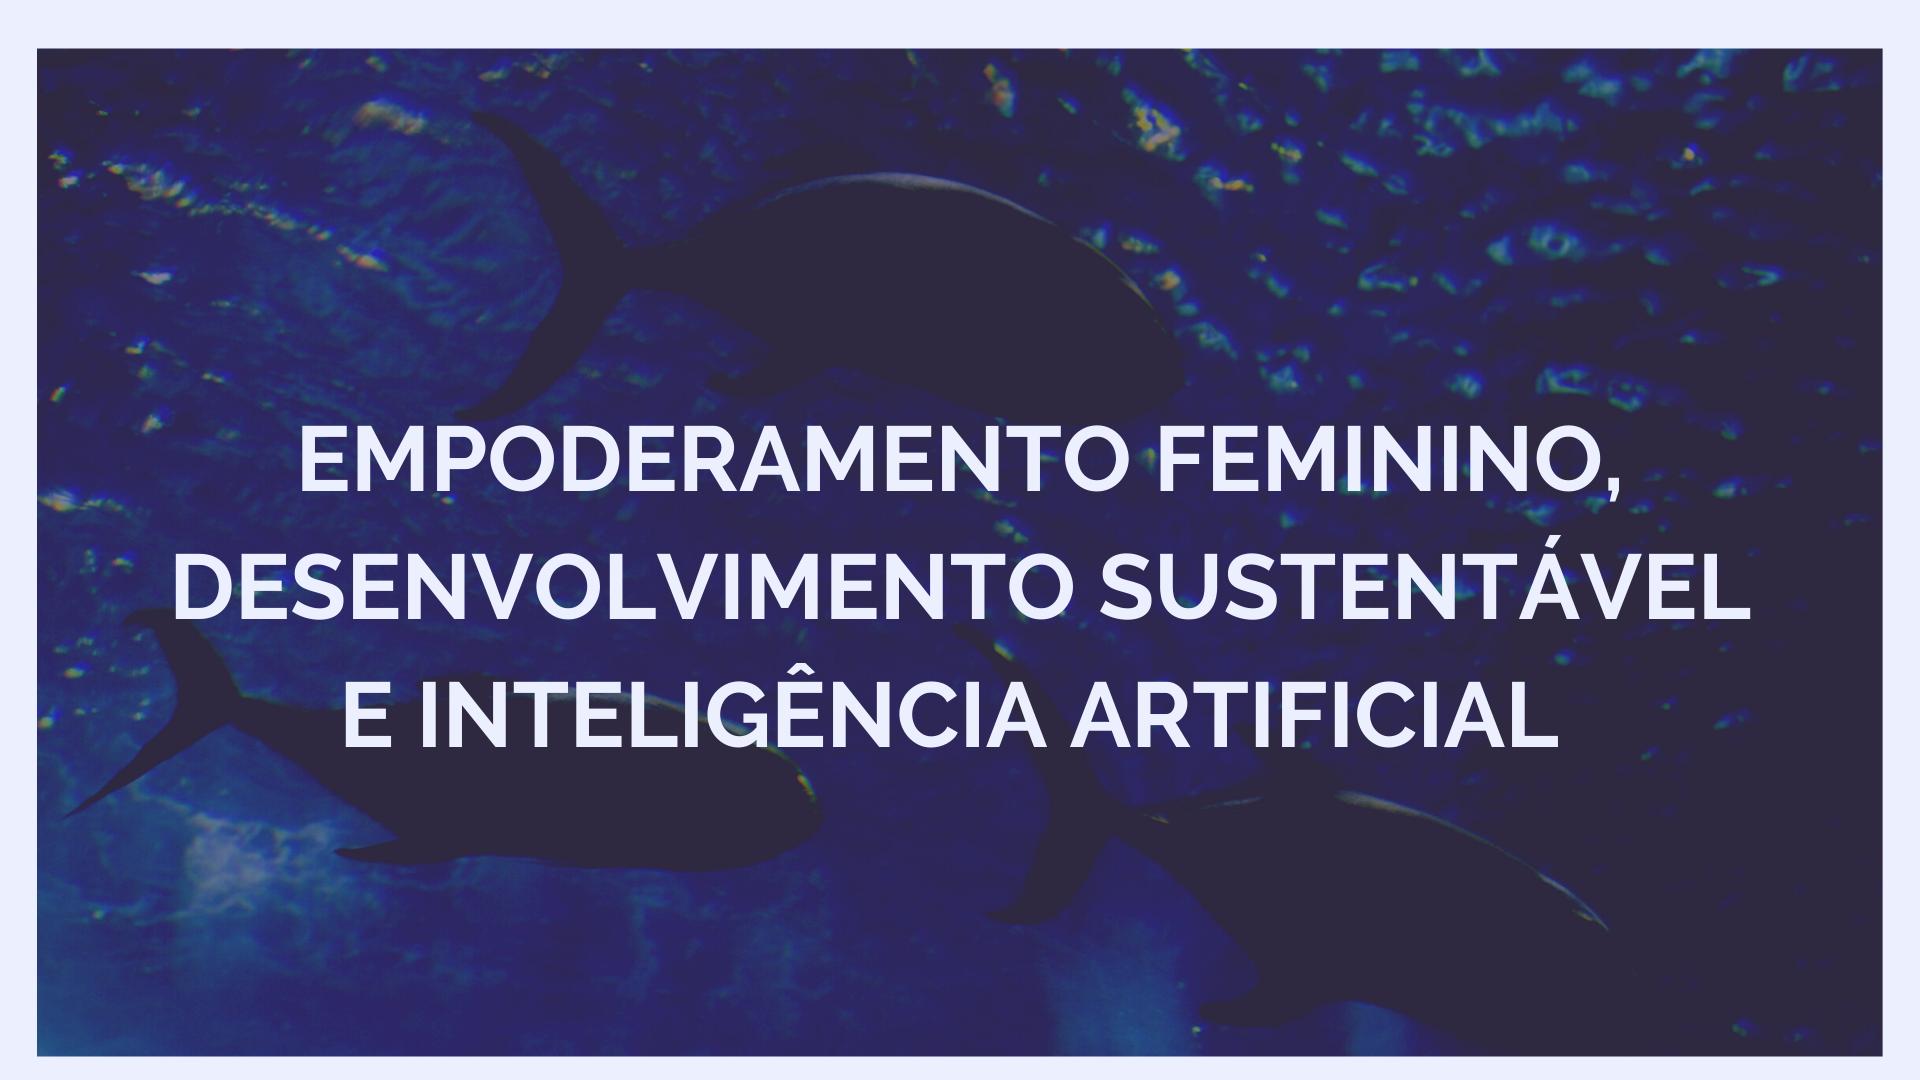 Empoderamento feminino, desenvolvimento sustentável e inteligência artificial